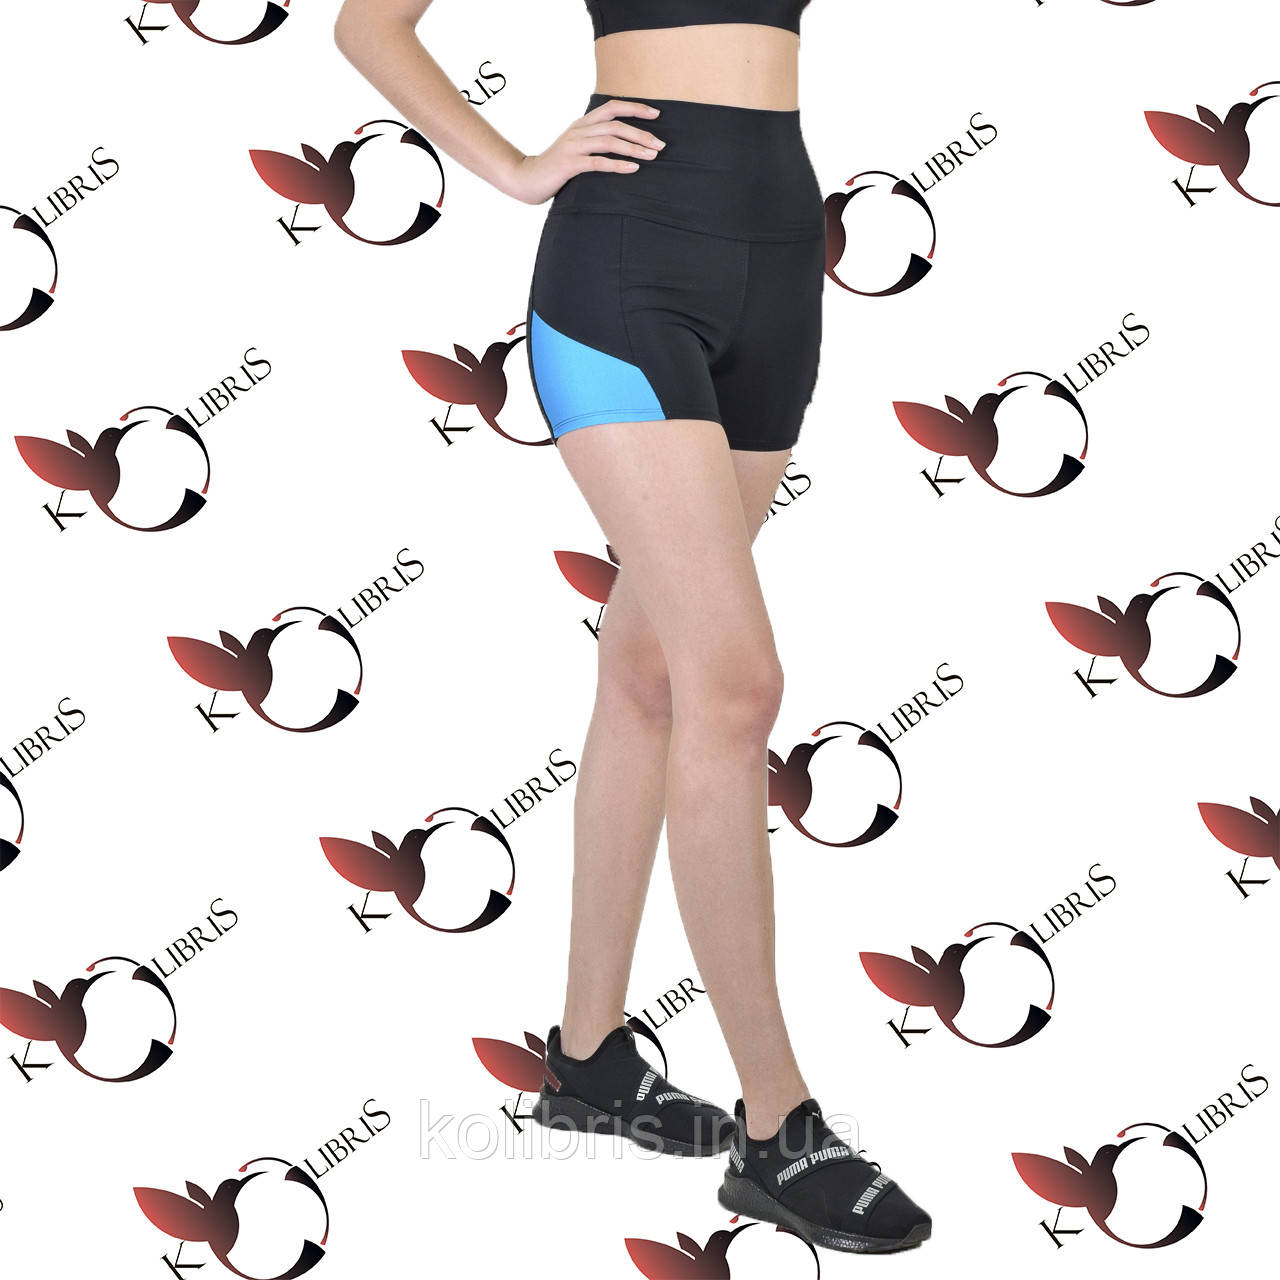 Шорты утяжка женские спортивные  черный элластан с голубыми вставками